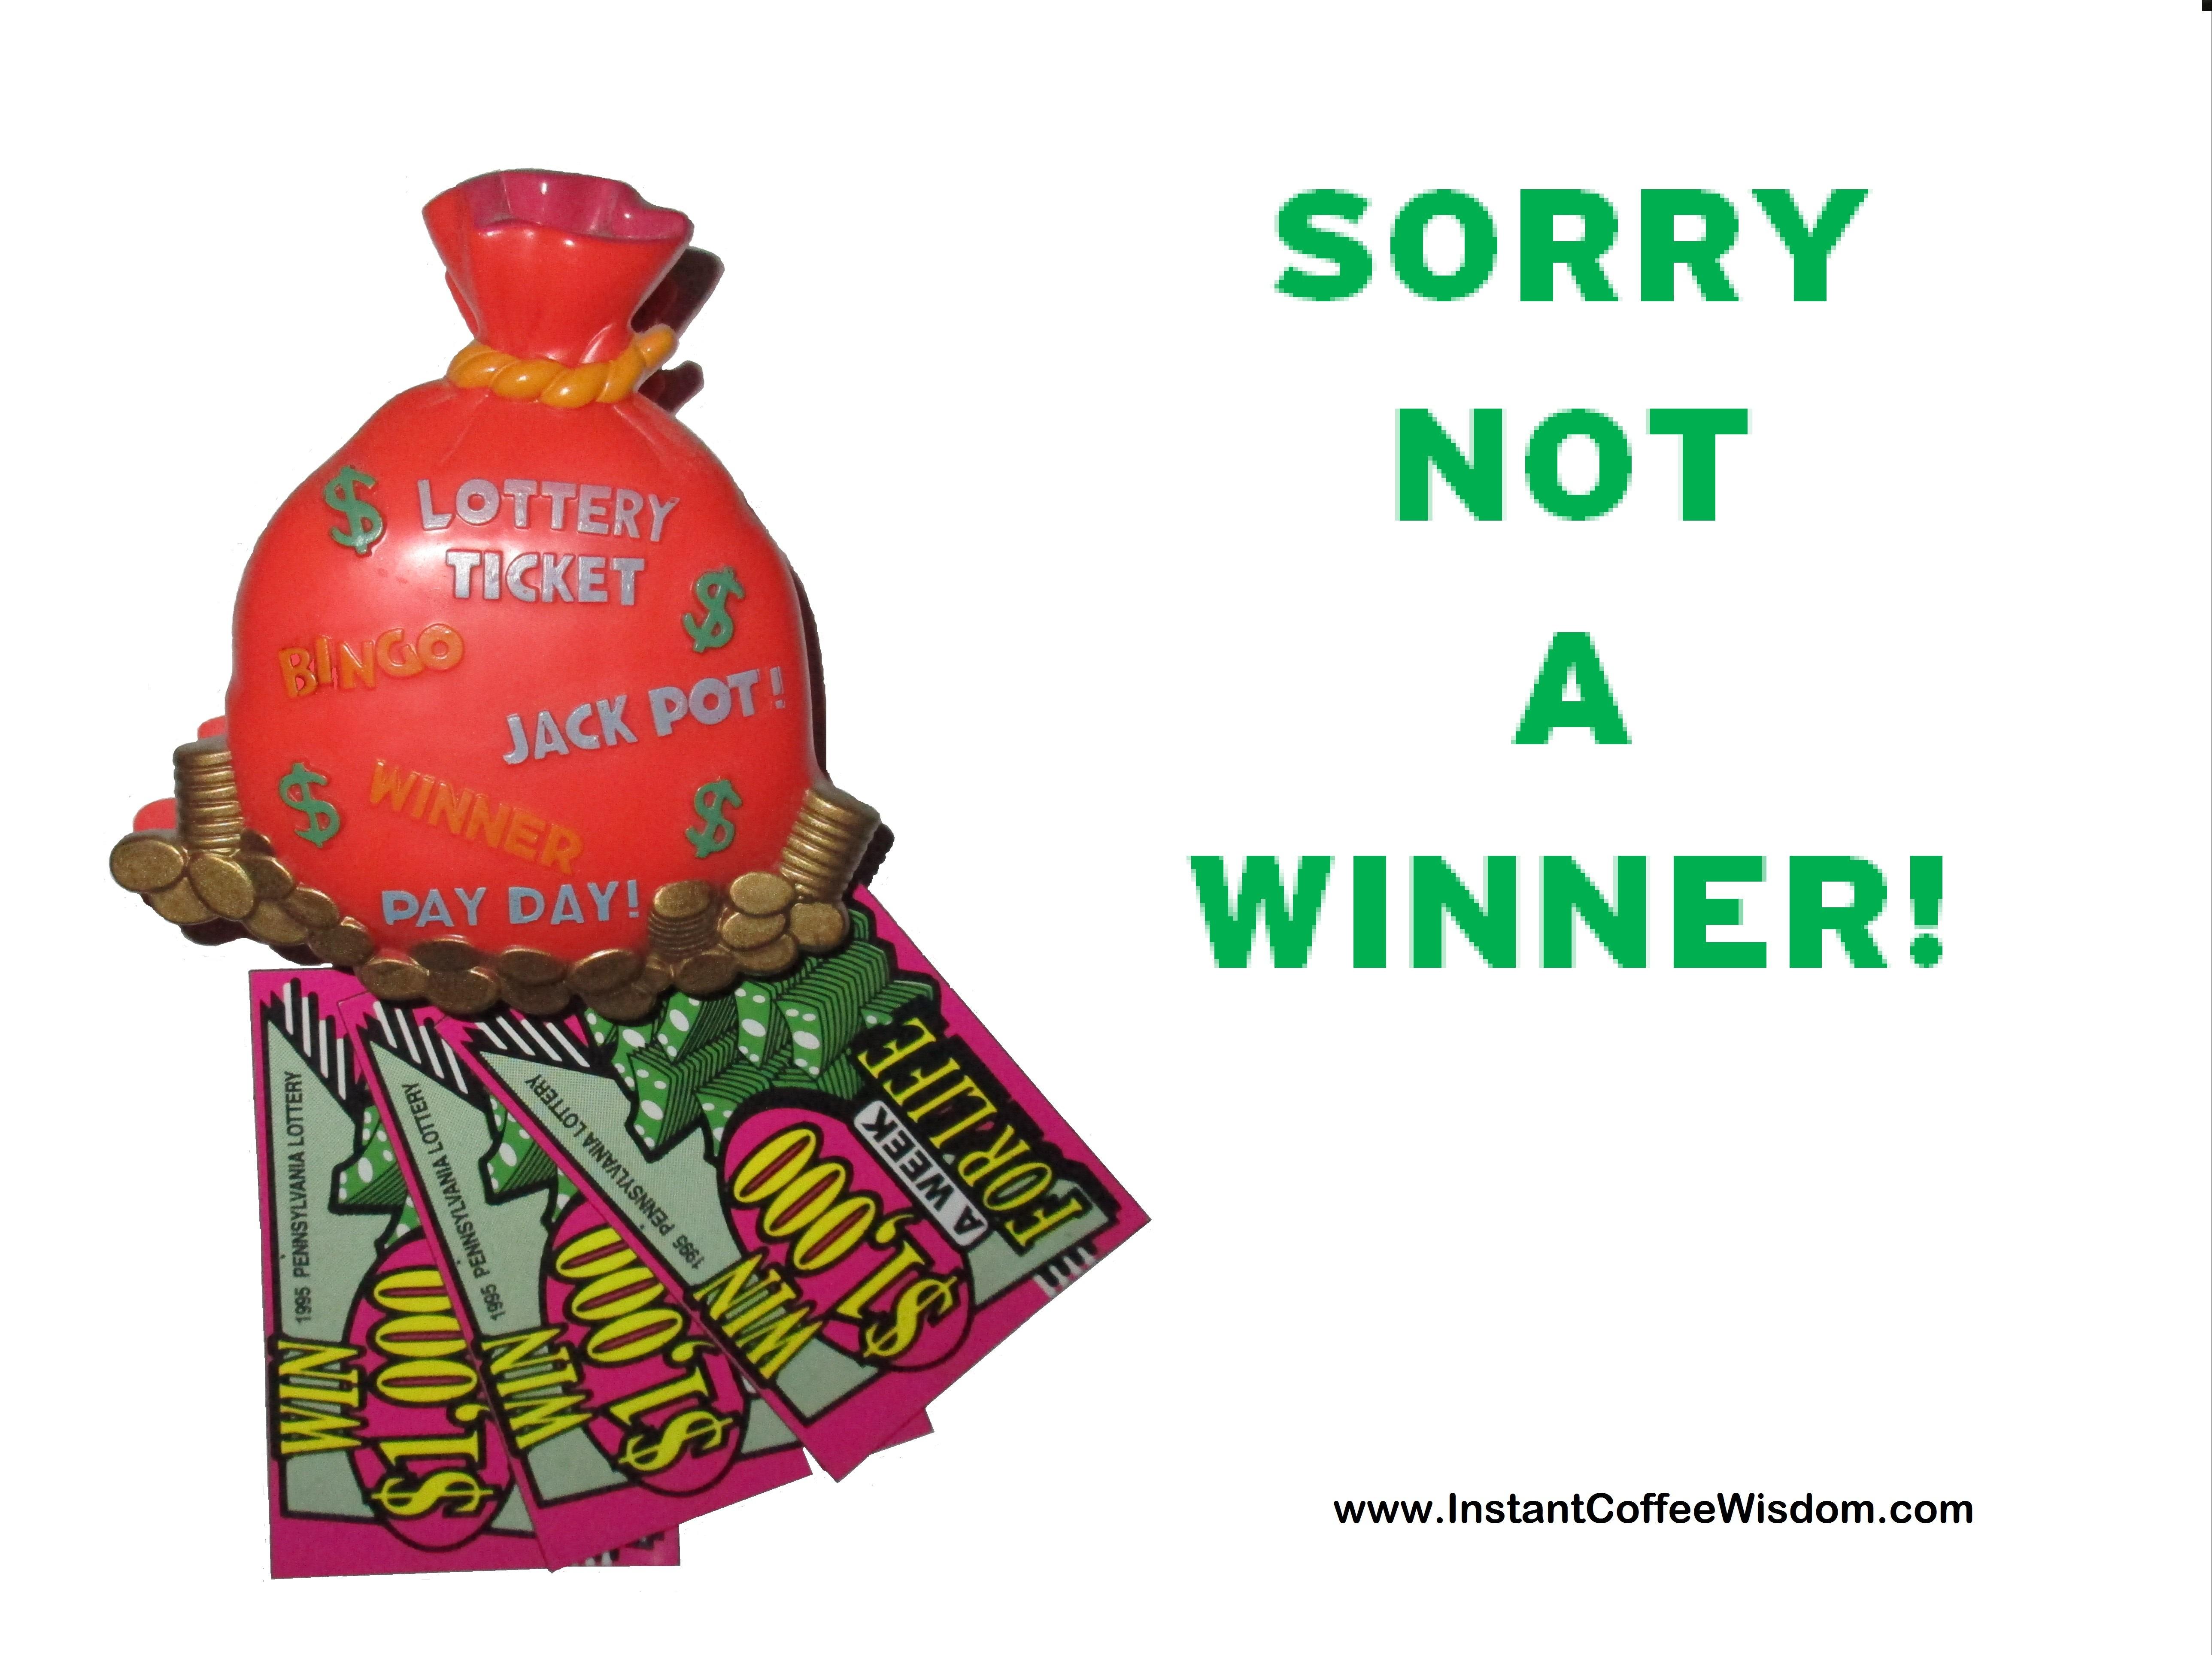 Sorry not a winner